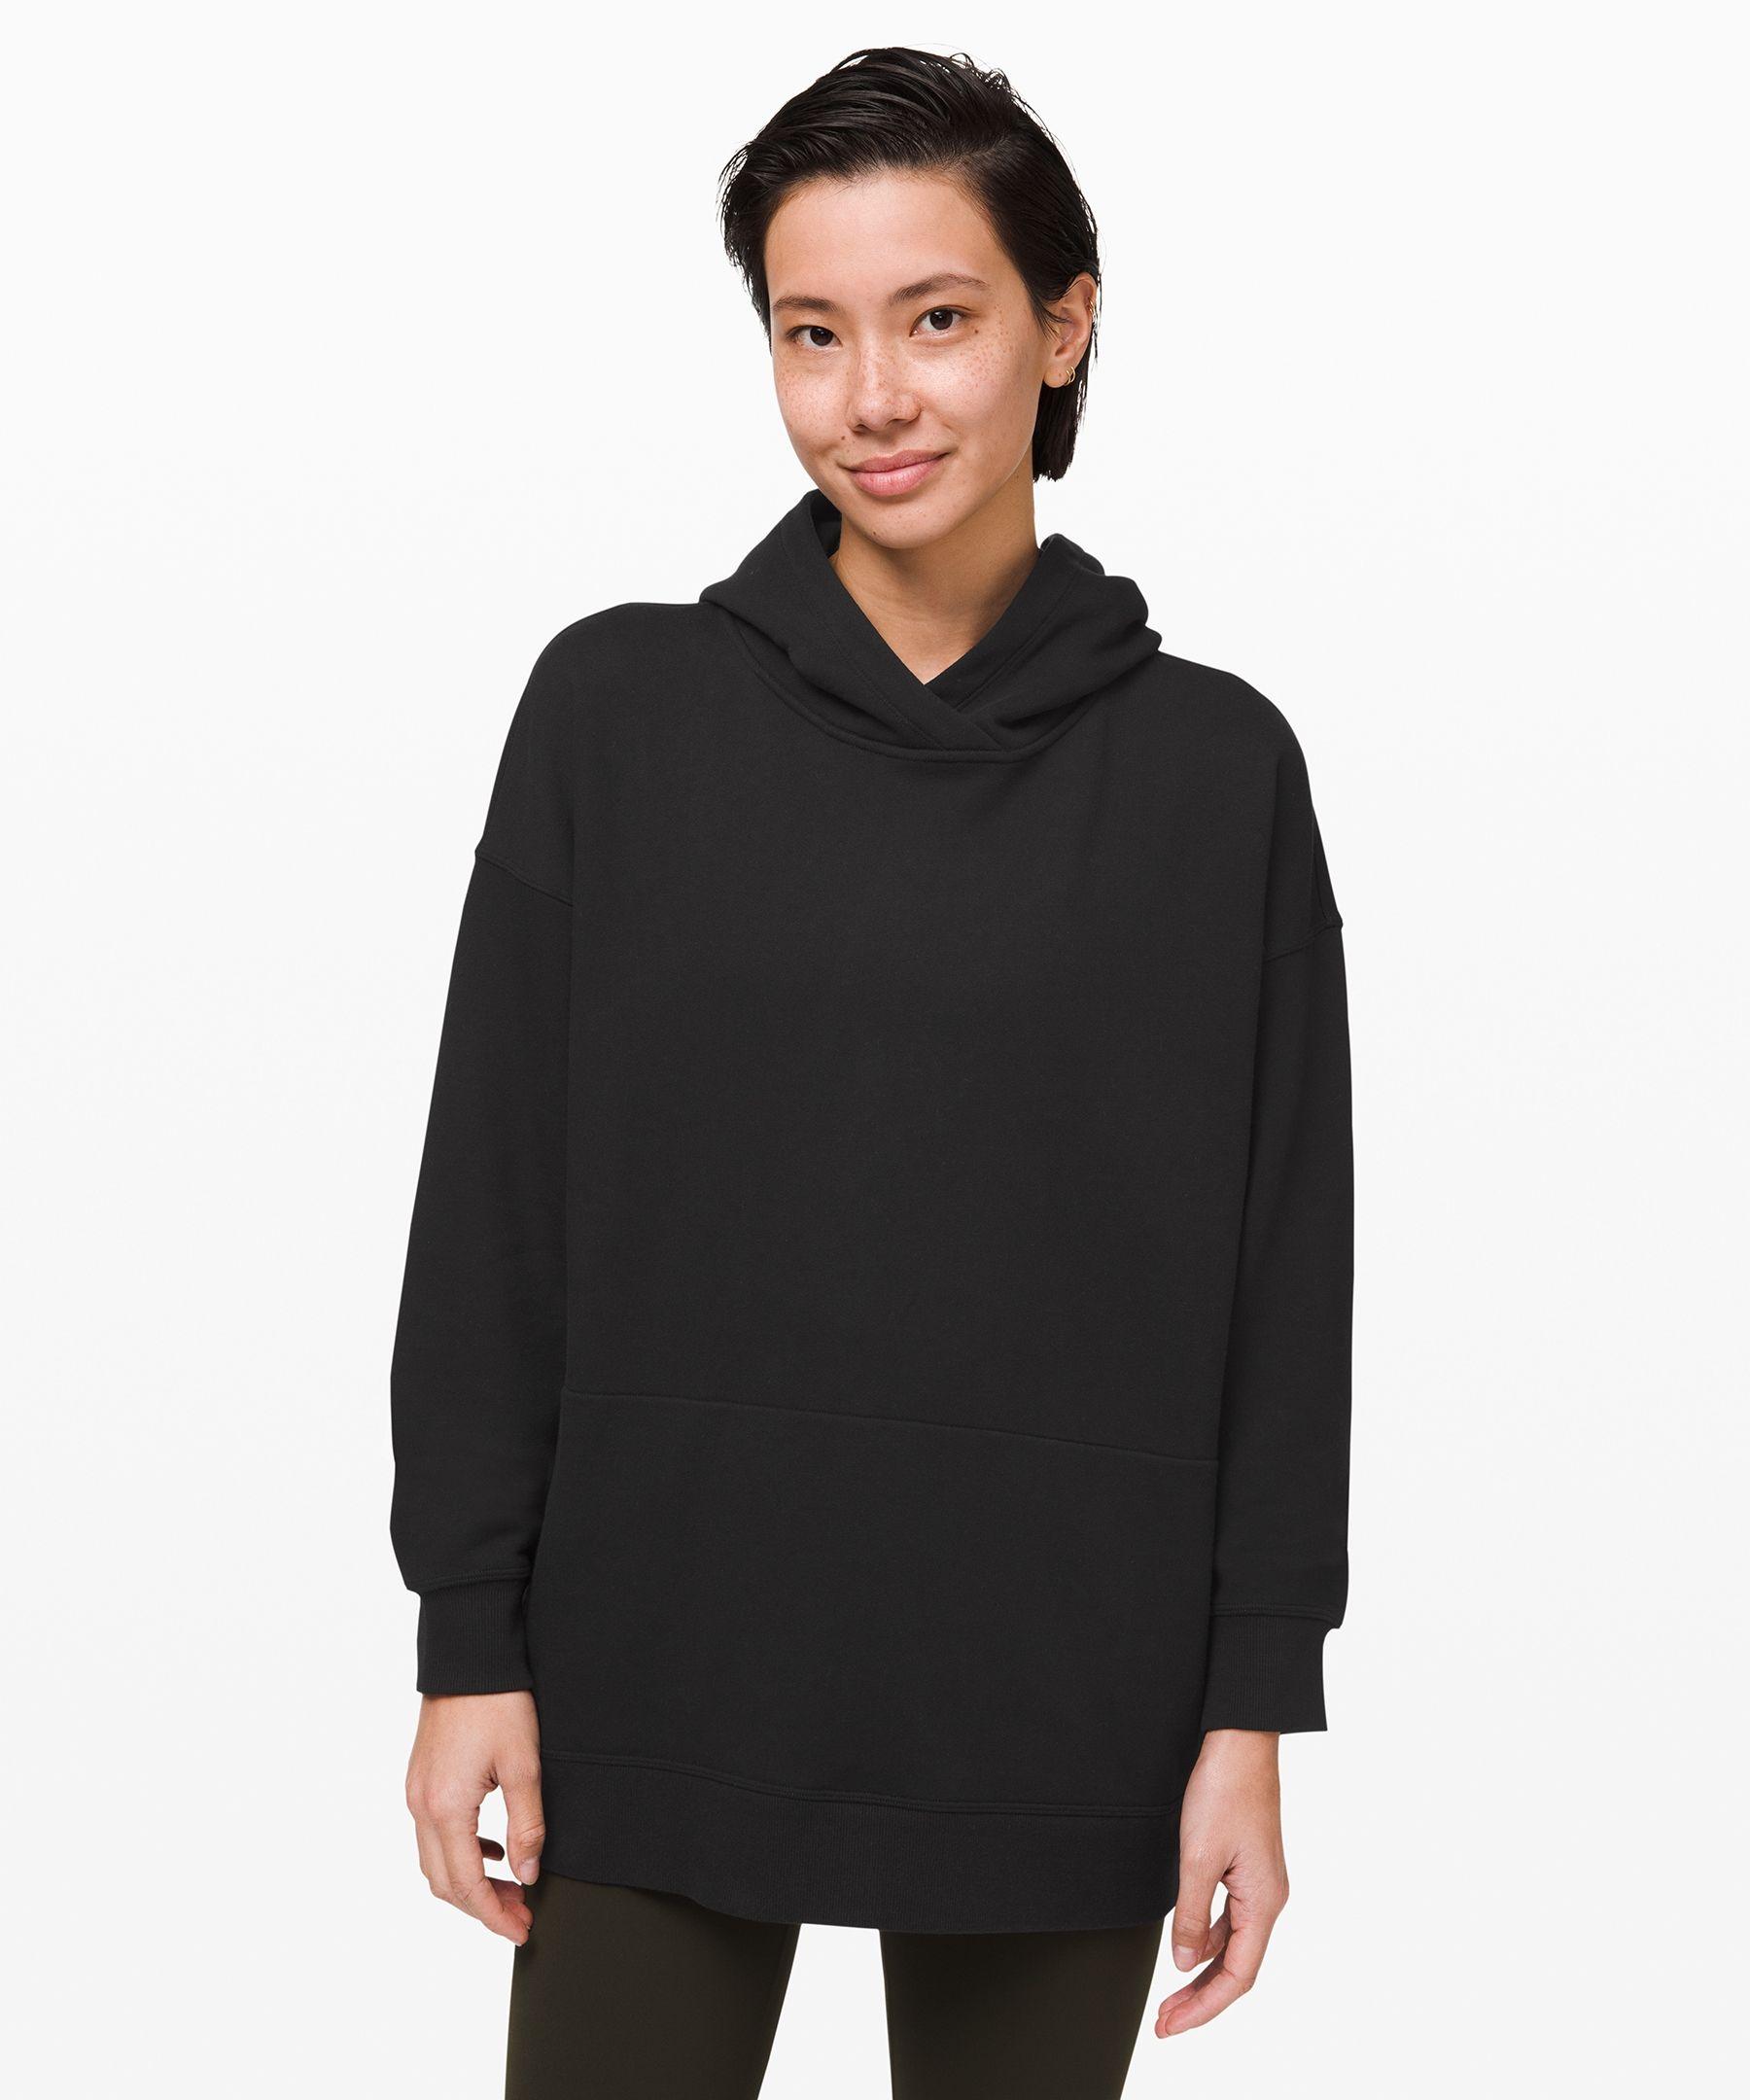 Lululemon Perfectly Oversized Hoodie Lululemon Cloth Oversize Hoodie Hoodies Women Hoodies Sweatshirts [ 2160 x 1800 Pixel ]